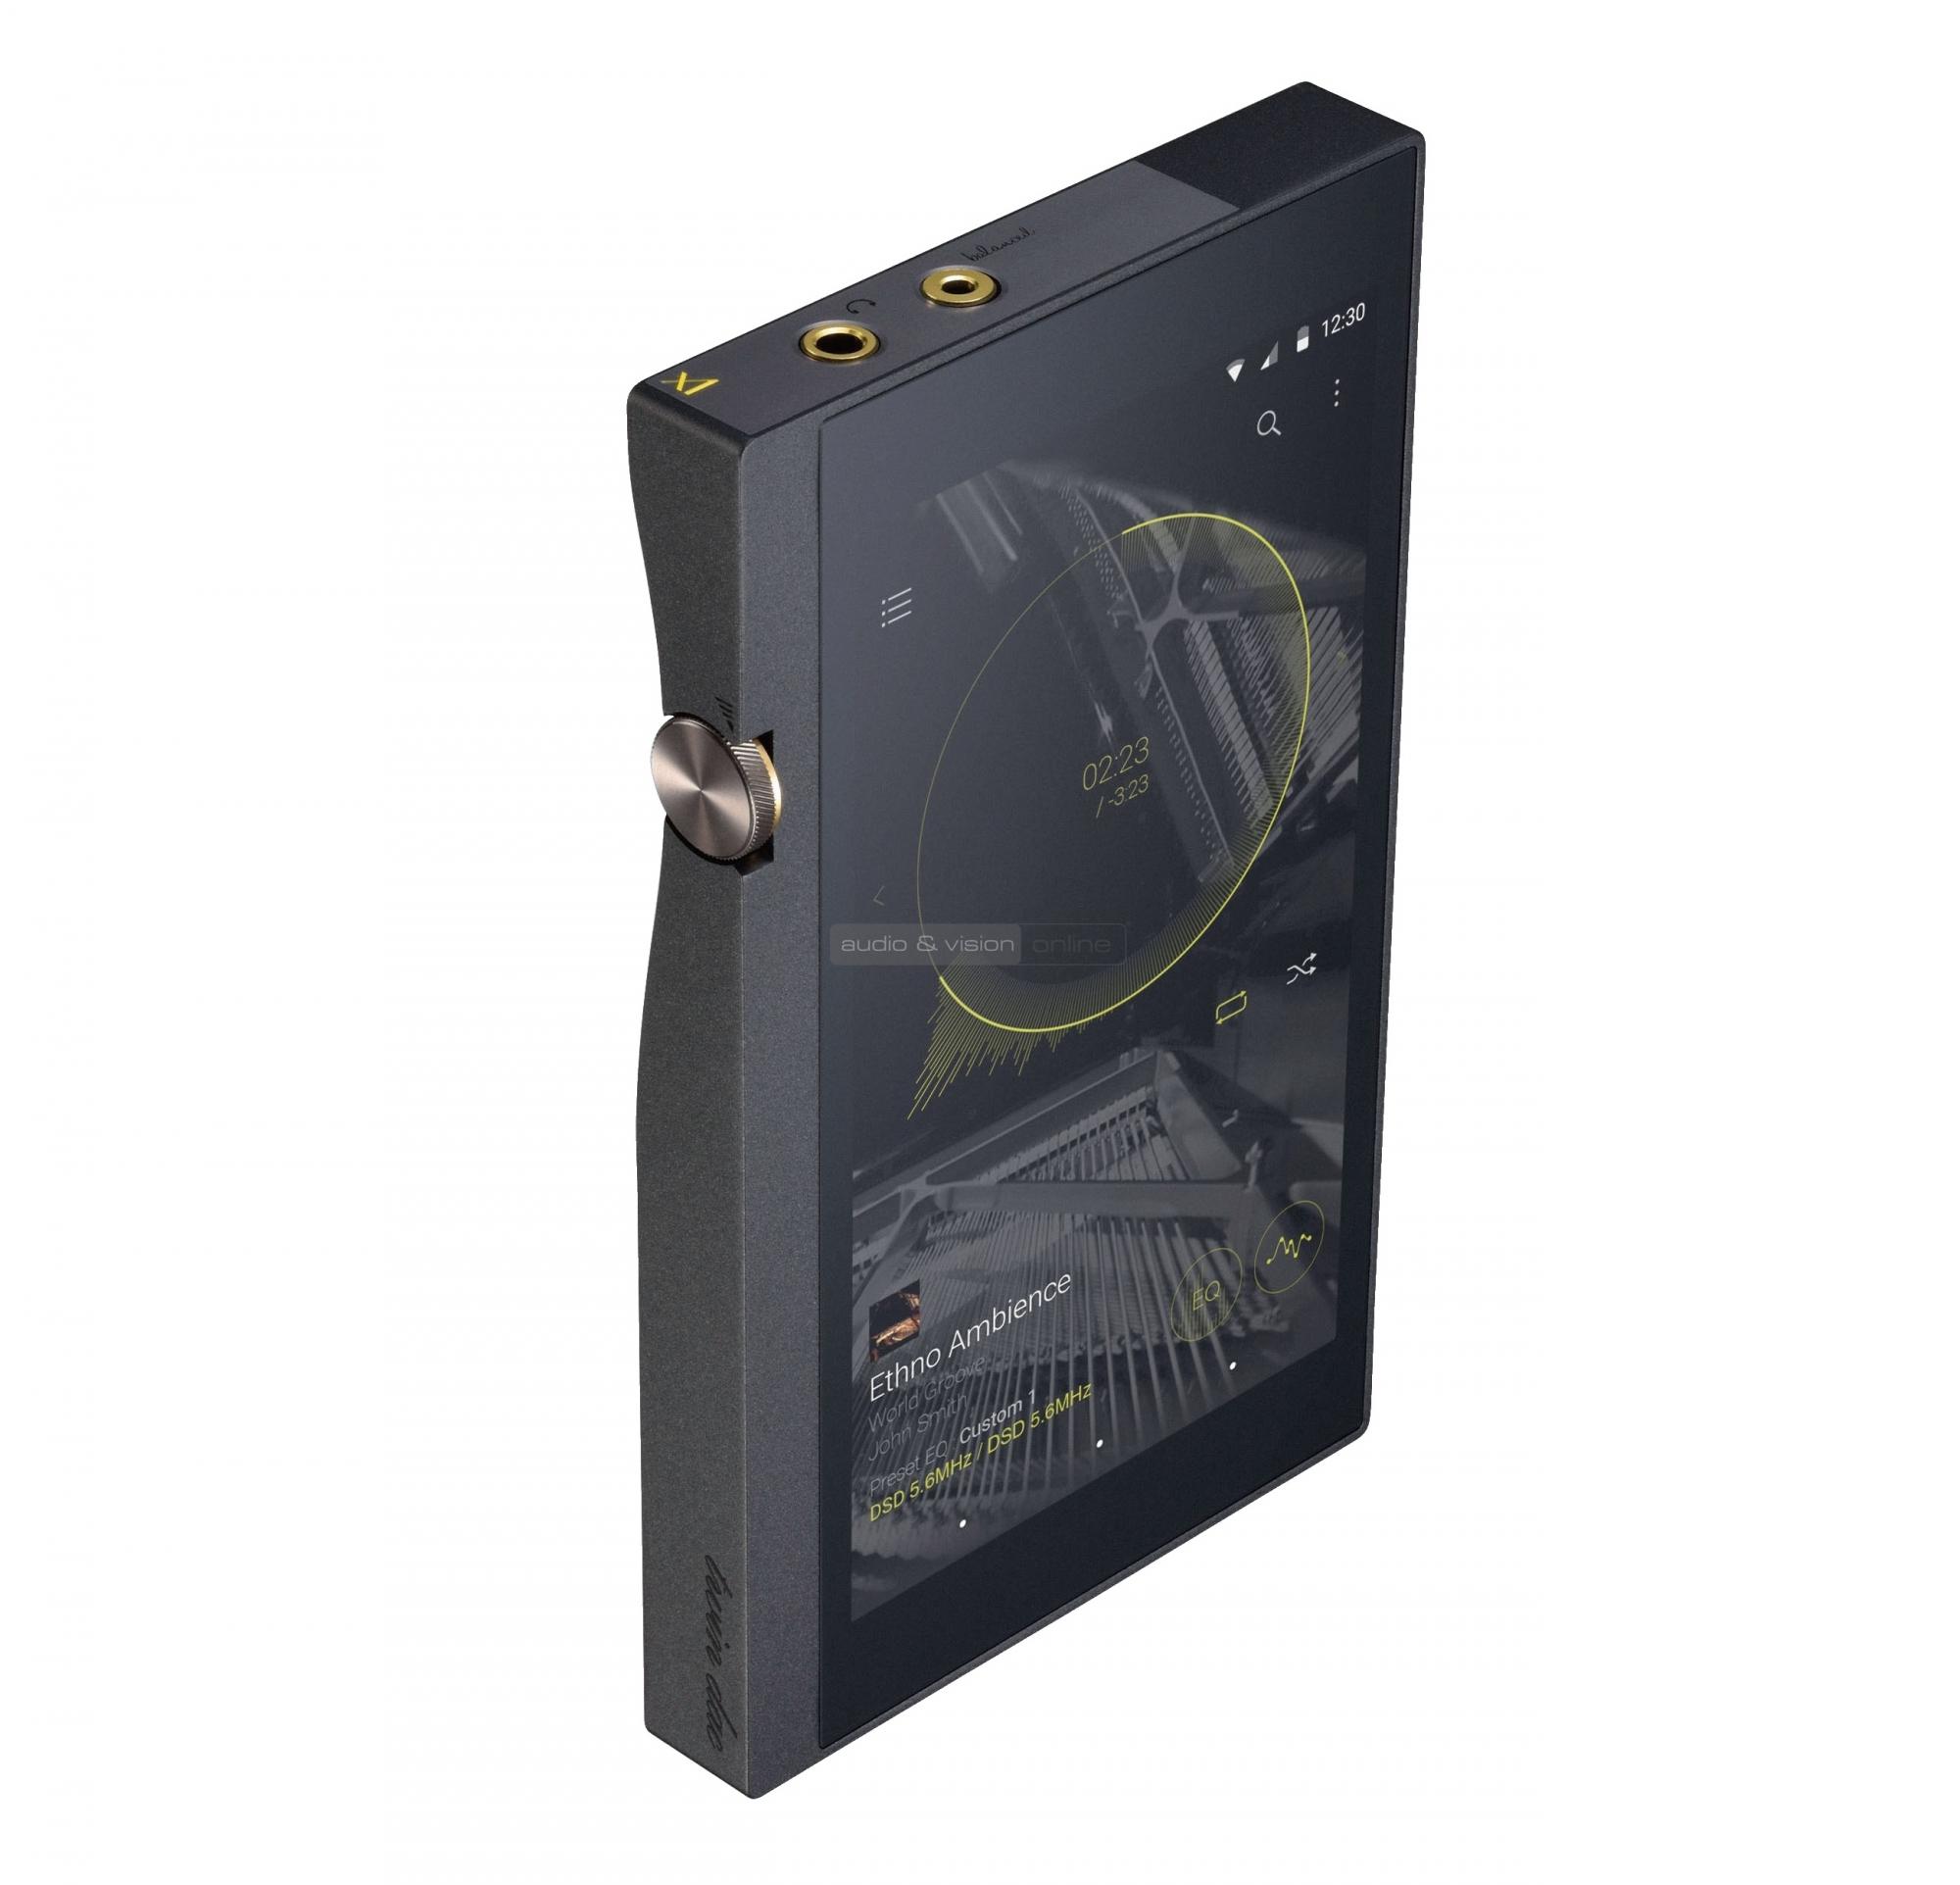 Onkyo DP-X1 mobil hifi lejátszó teszt